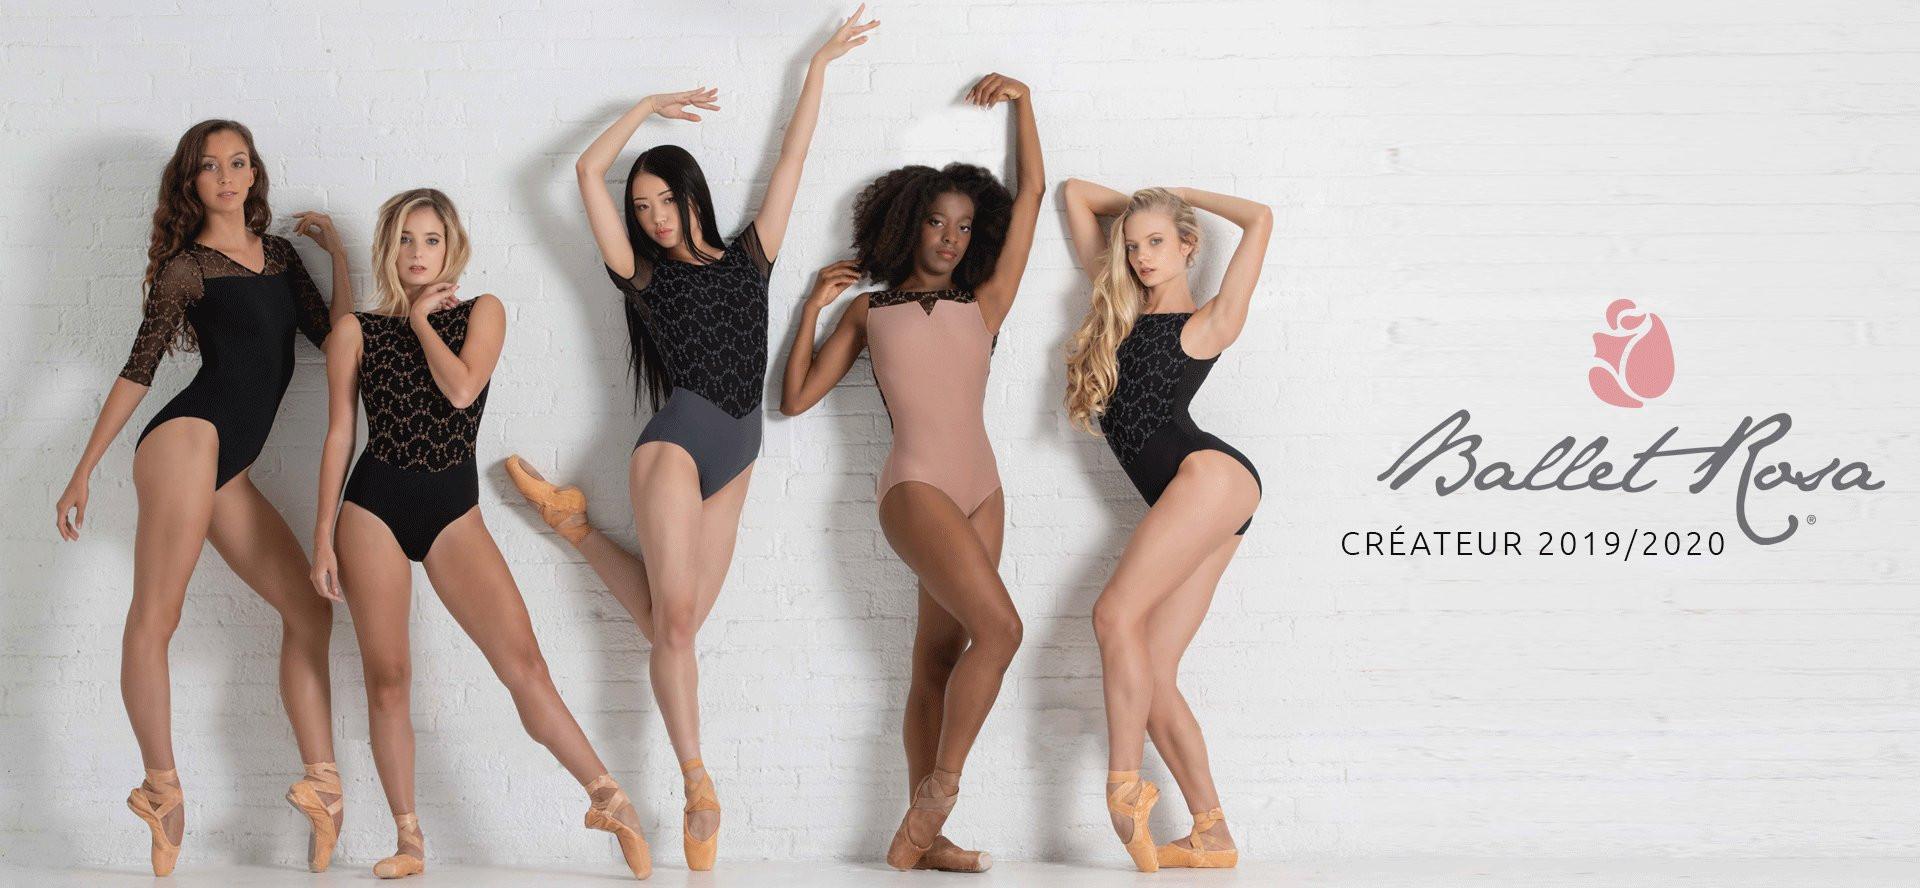 Ballet Rosa Créateur